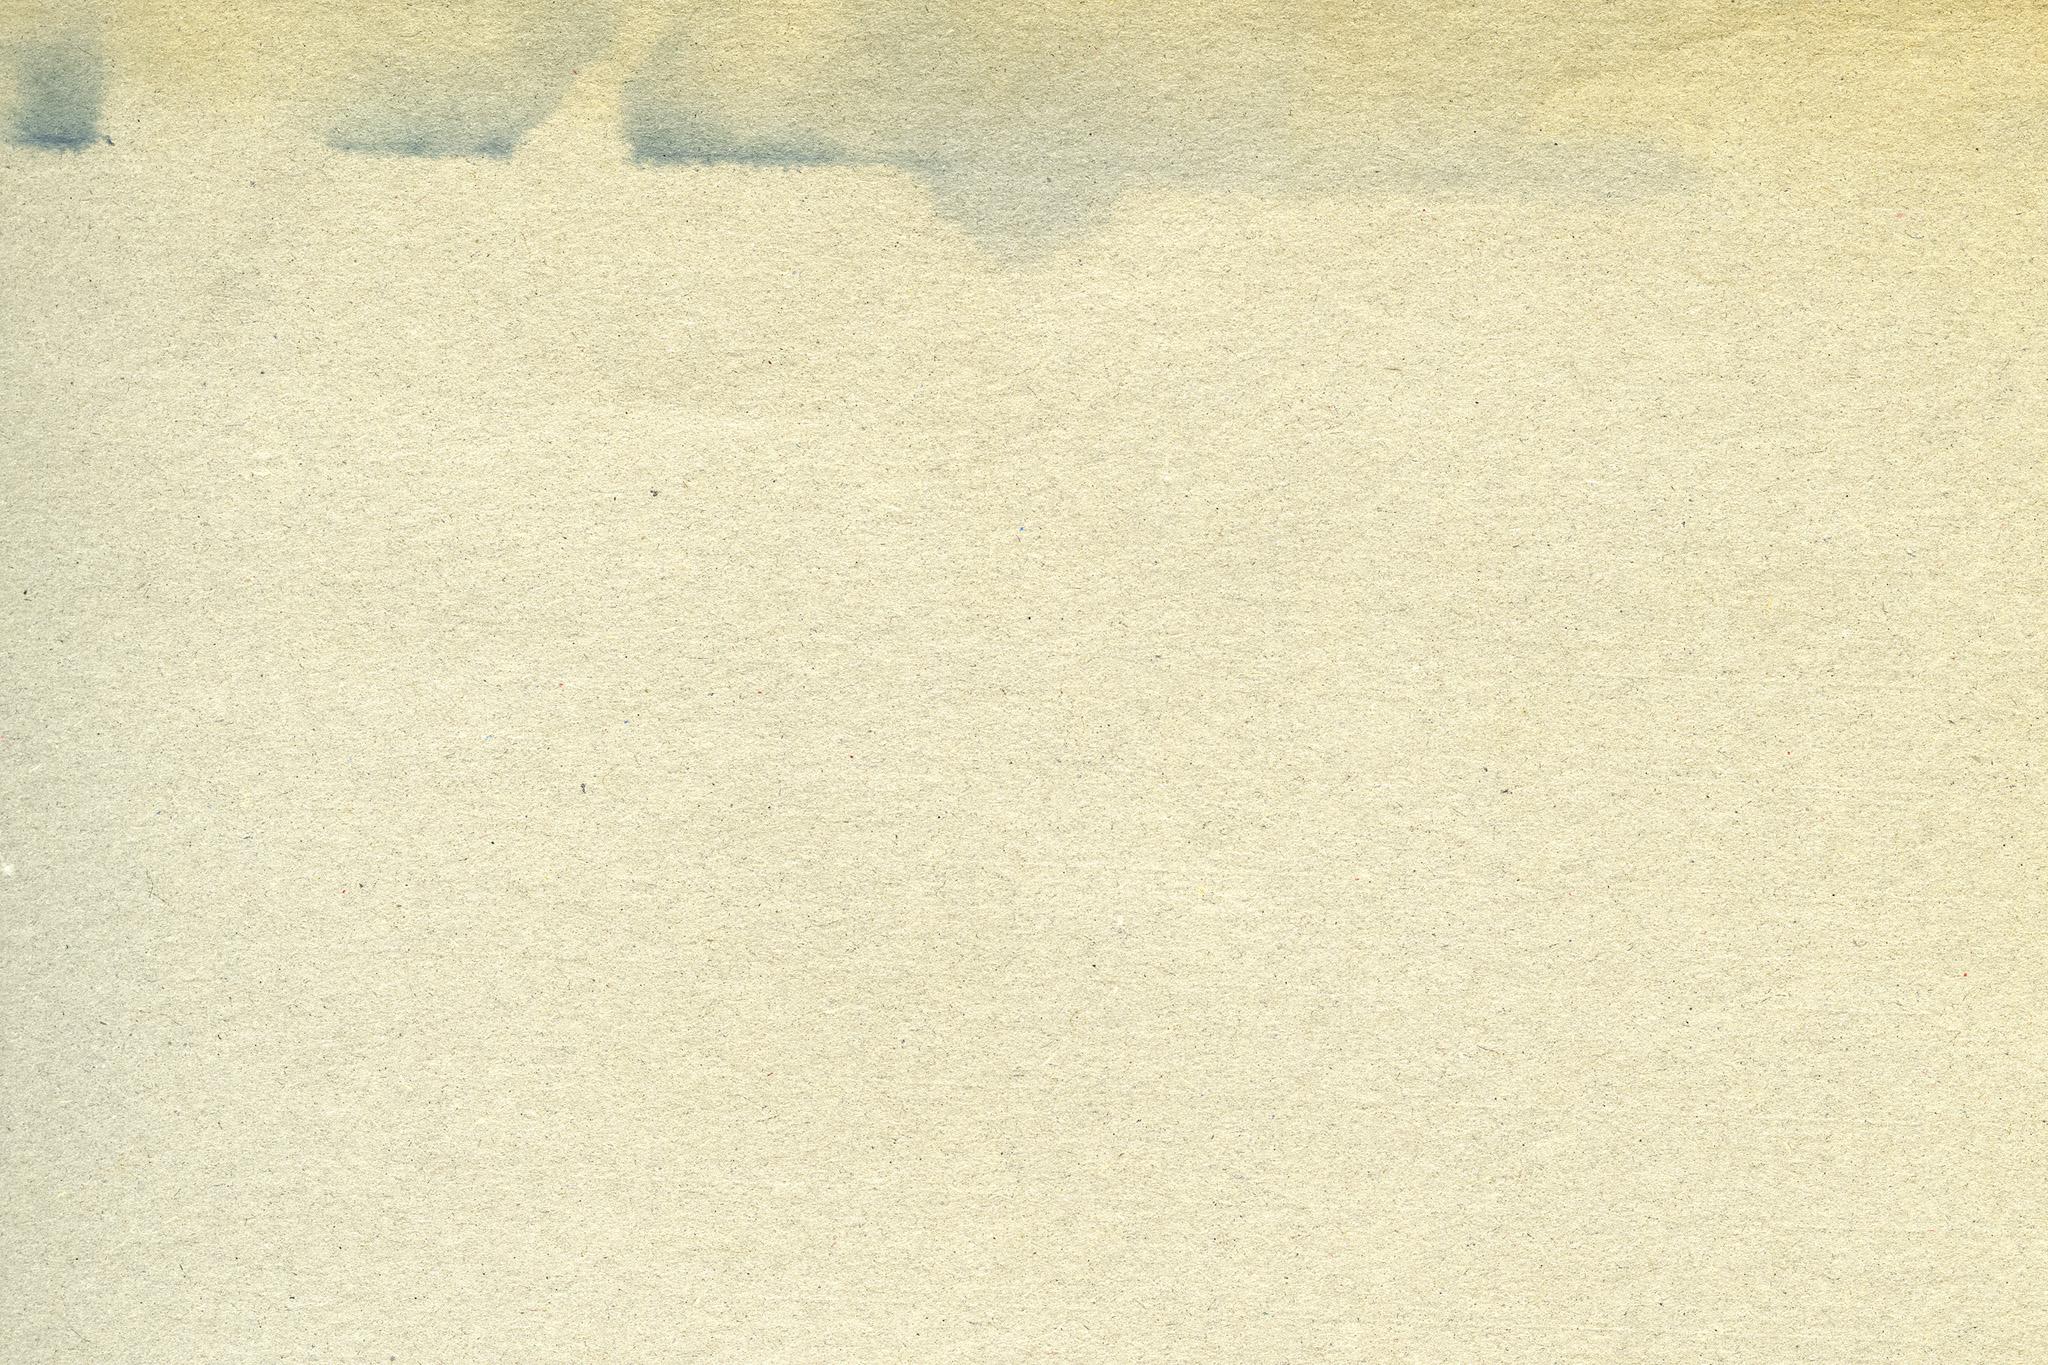 「インクの滲んだ様なシミのある紙」の素材を無料ダウンロード